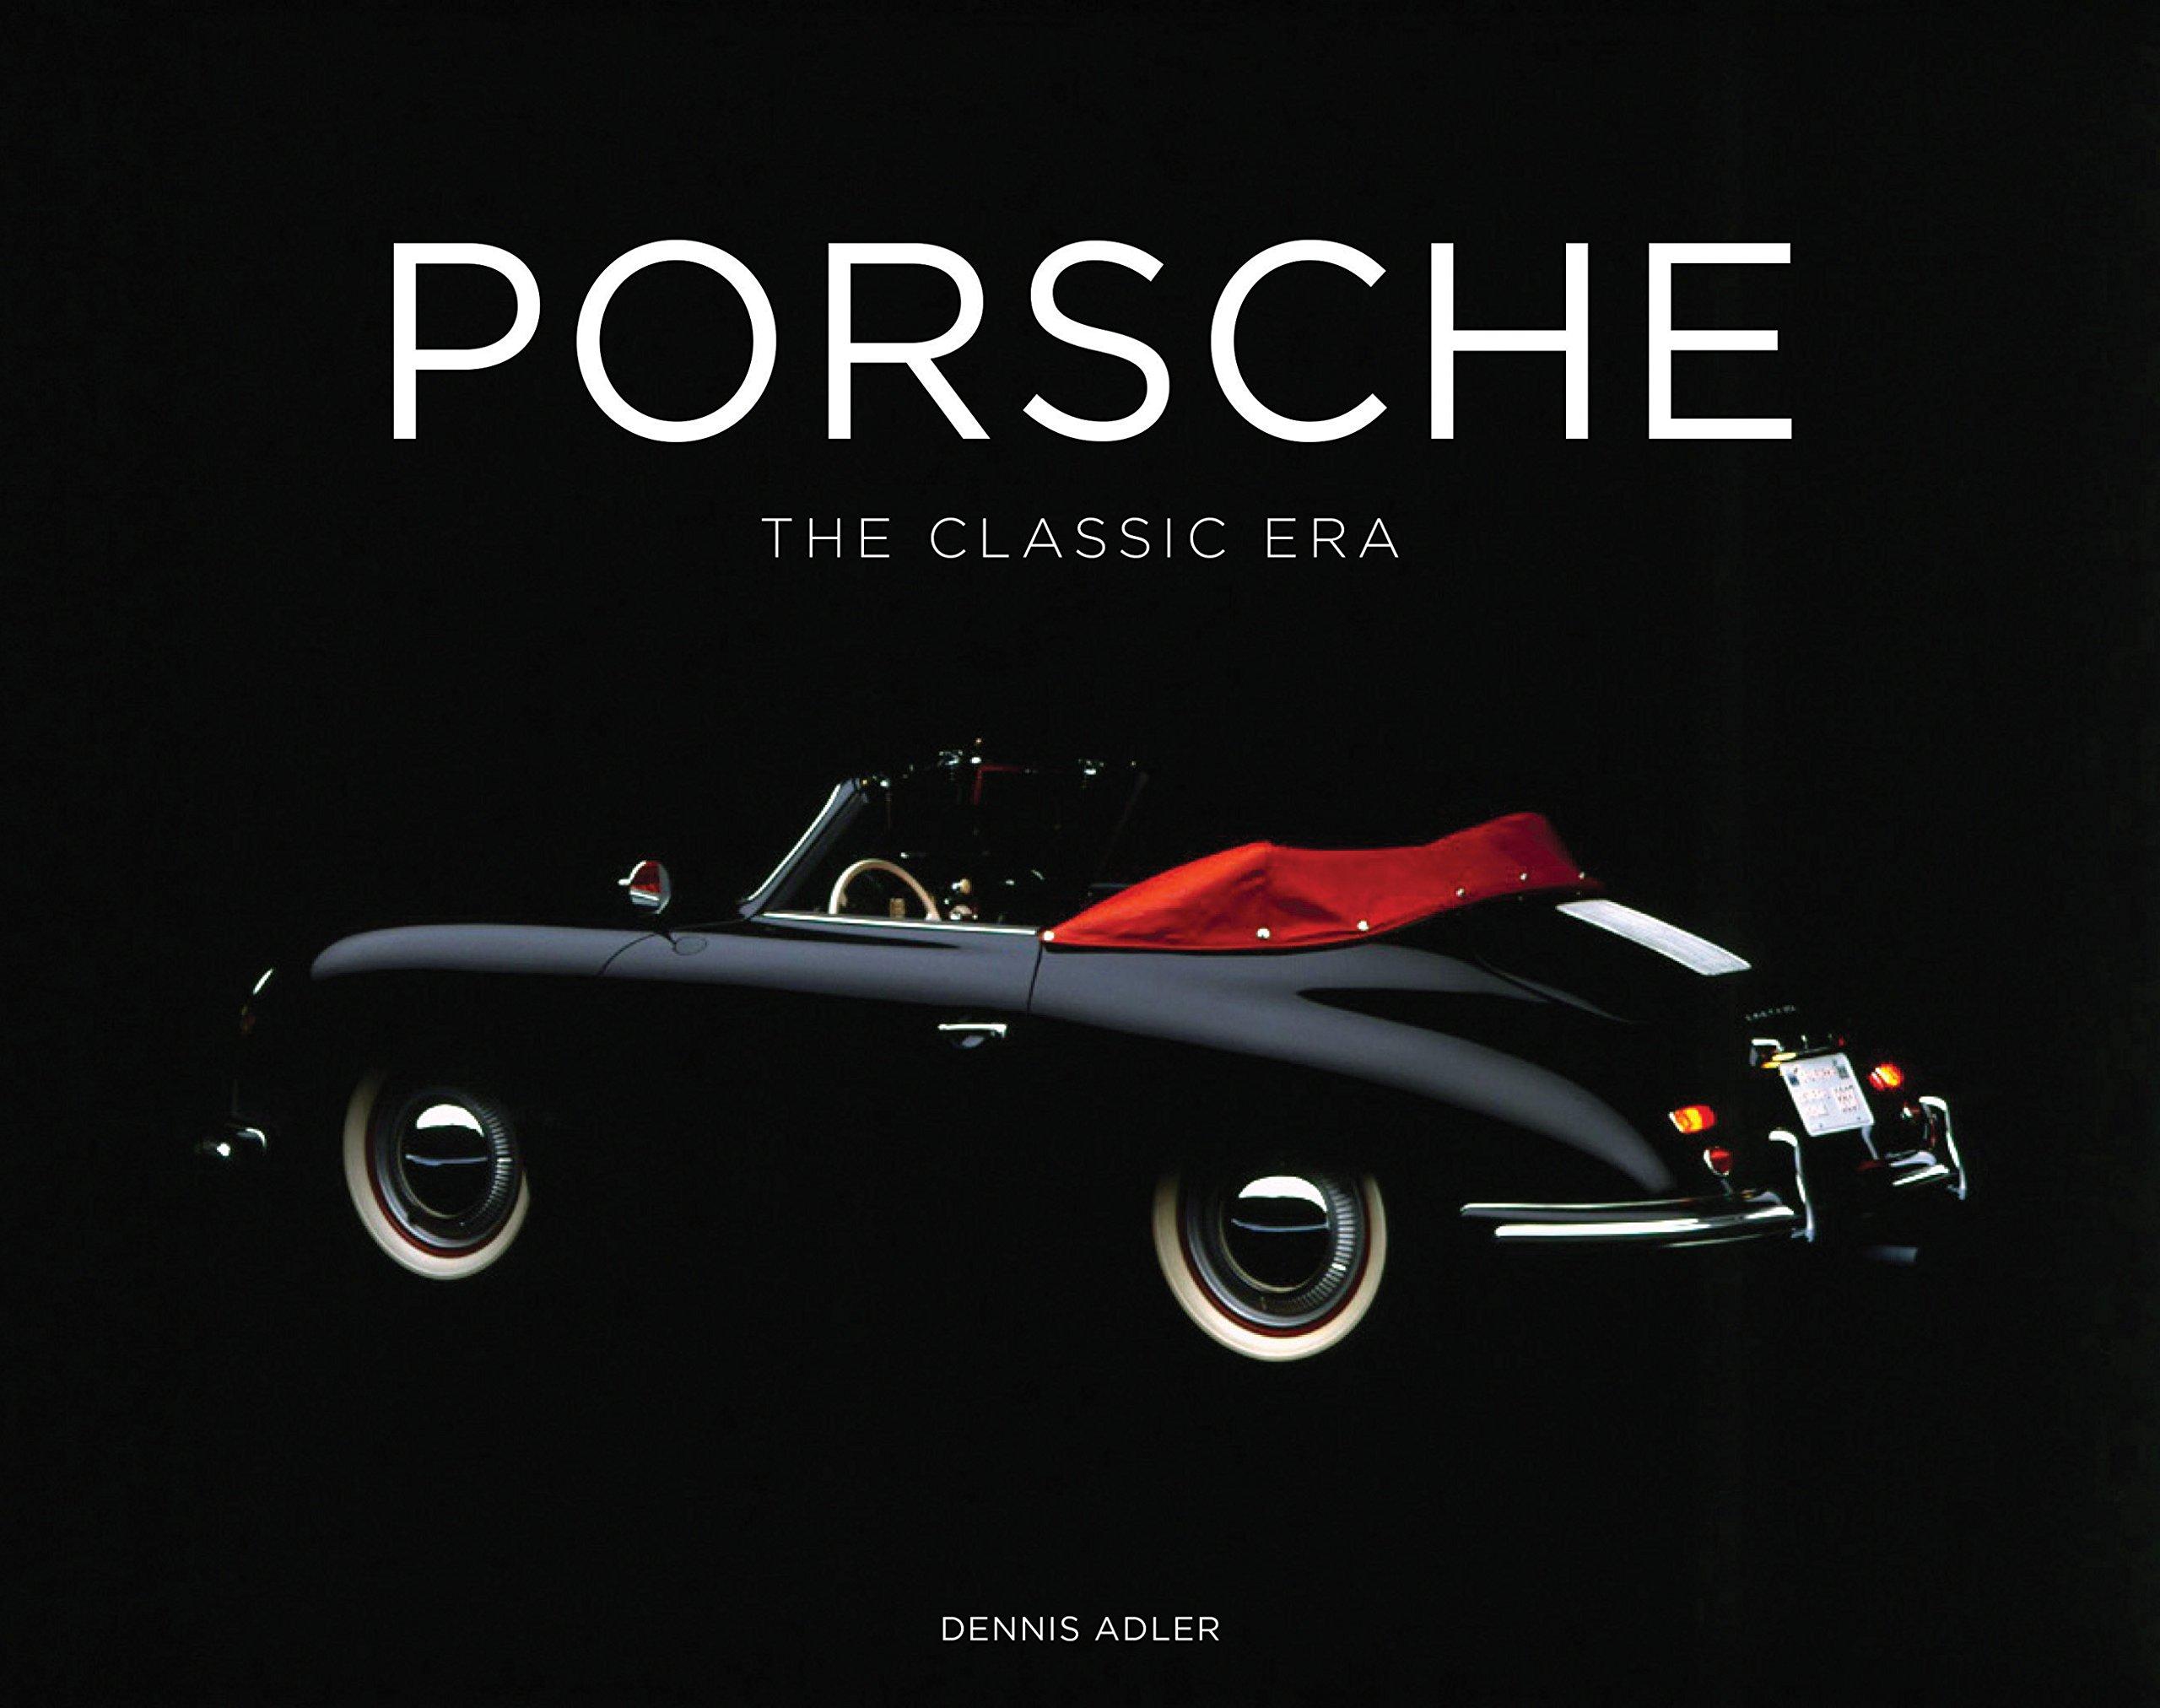 Porsche: The Classic Era: Amazon.de: Dennis Adler: Fremdsprachige Bücher